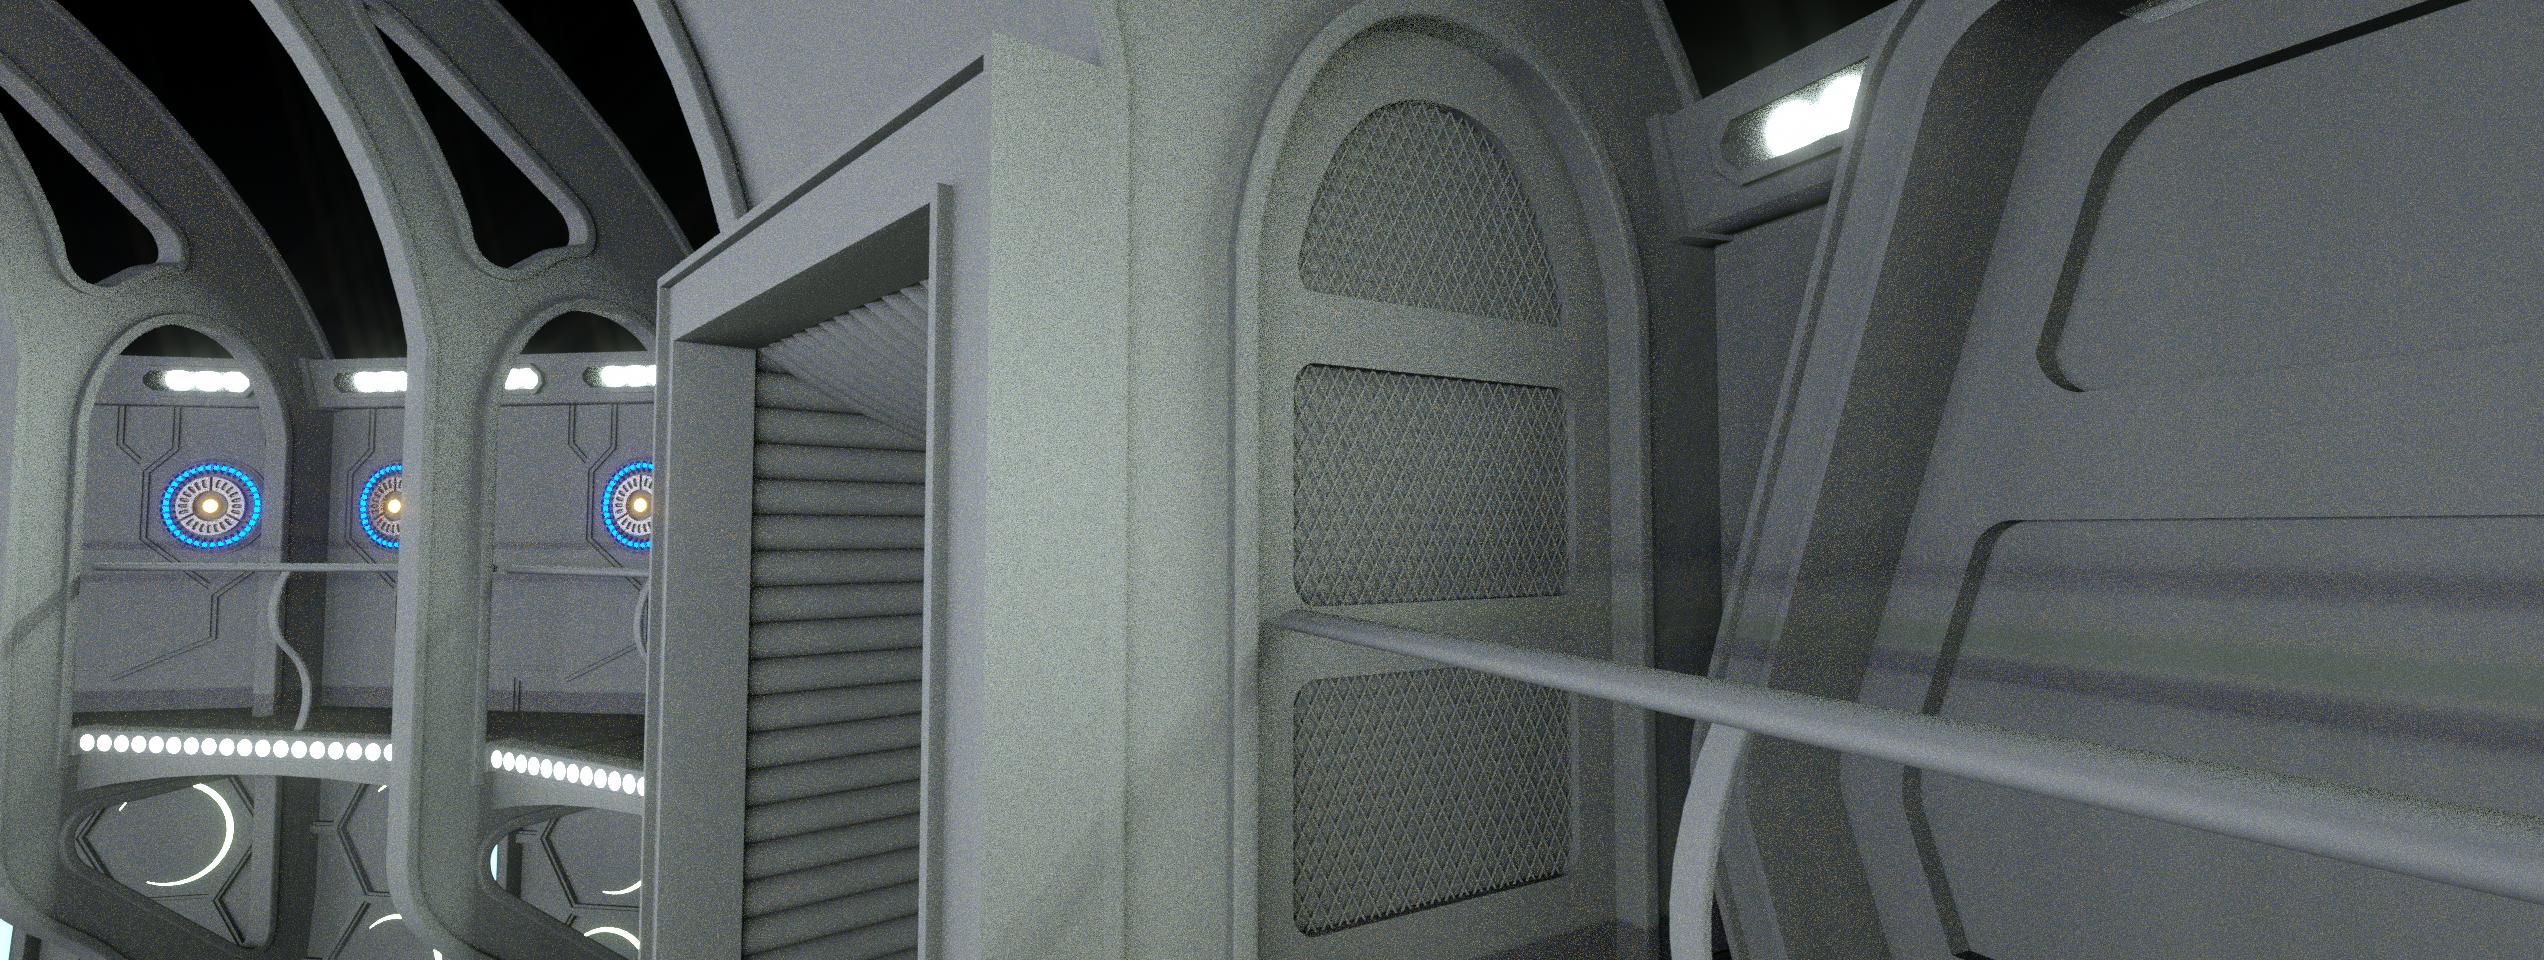 Door Detailing